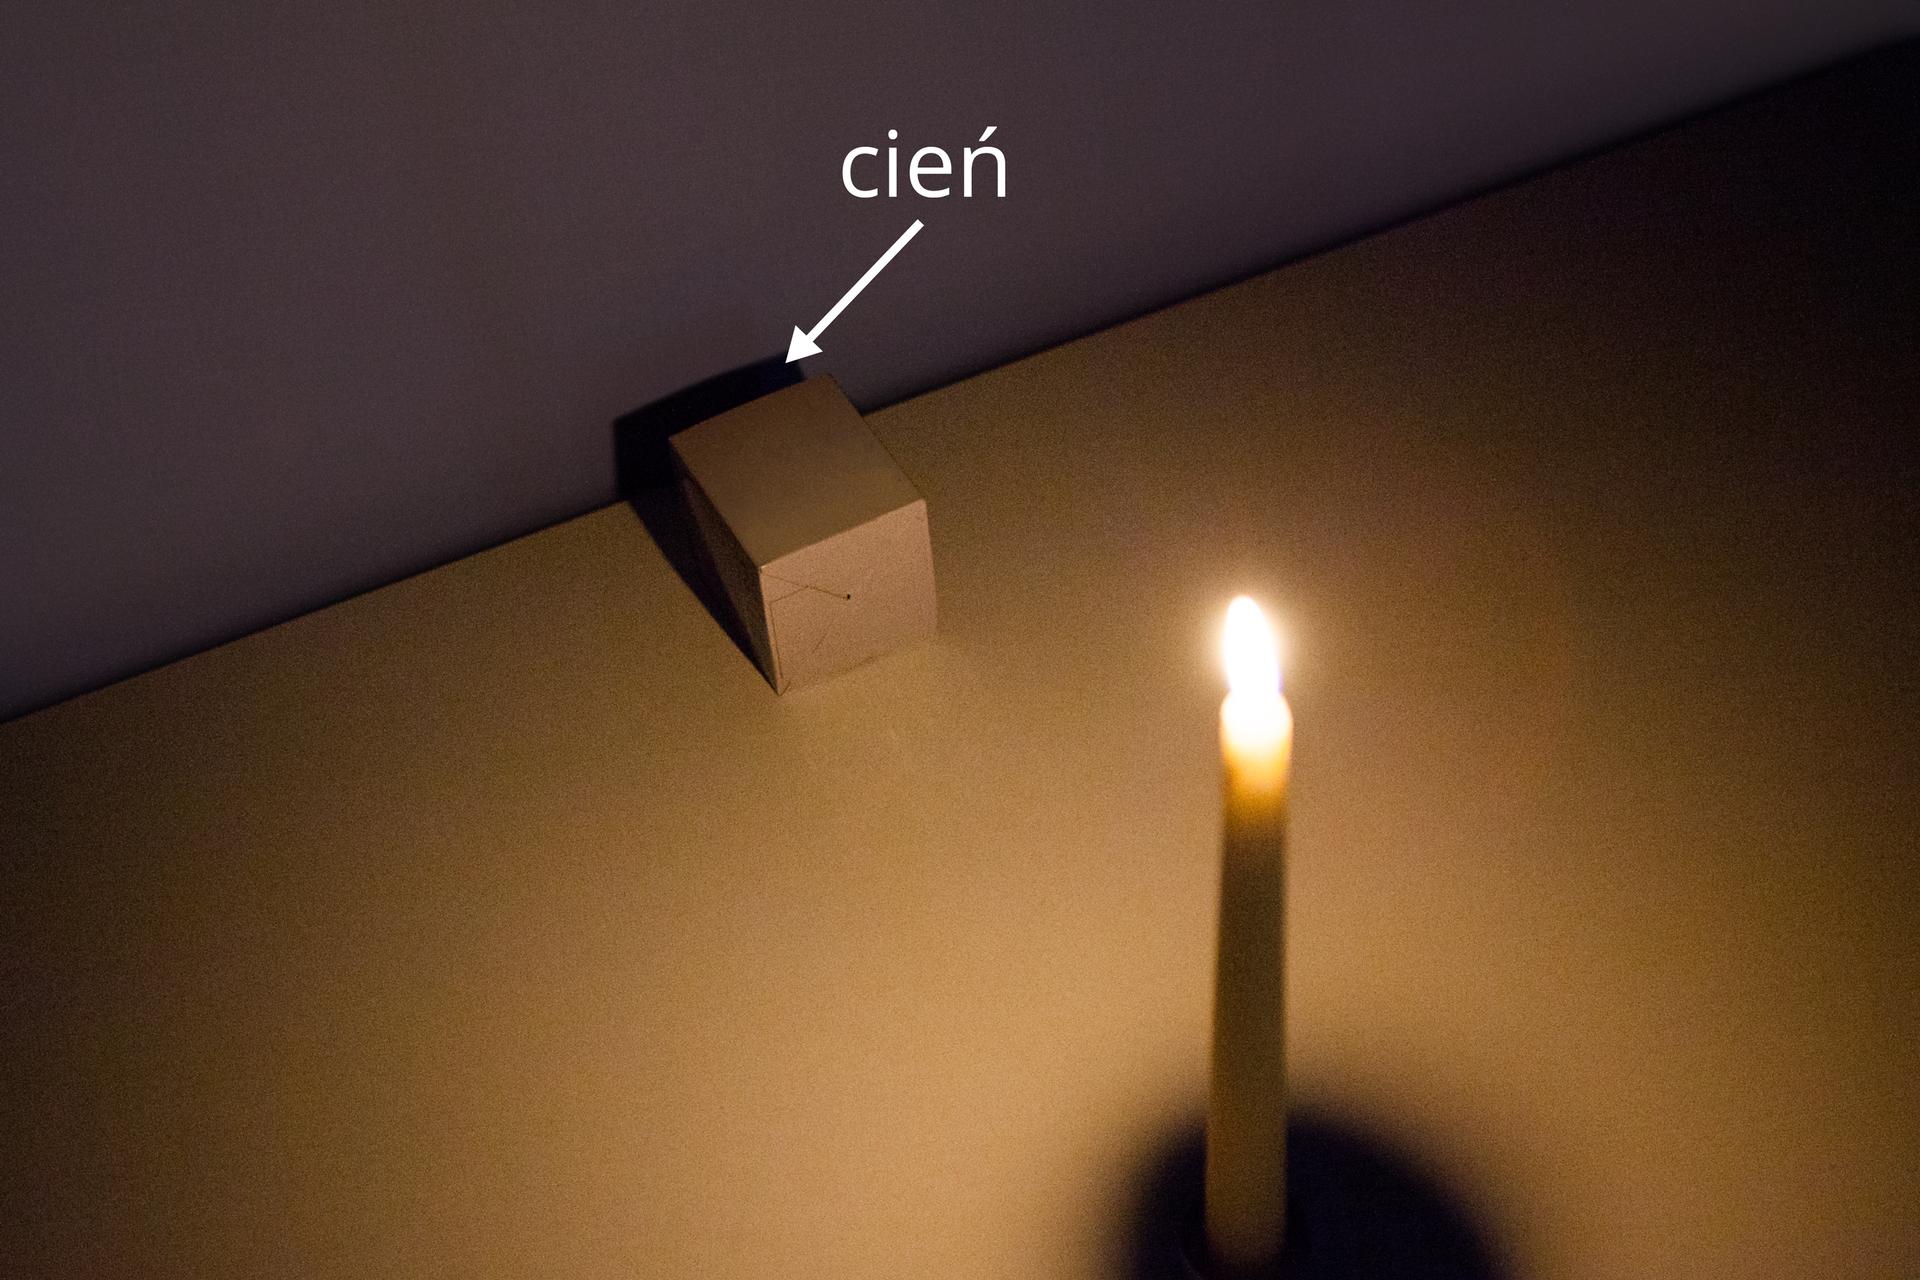 Dwie fotografie: na pierwszej przedmiot oświetlony przez pojedynczą świeczkę.